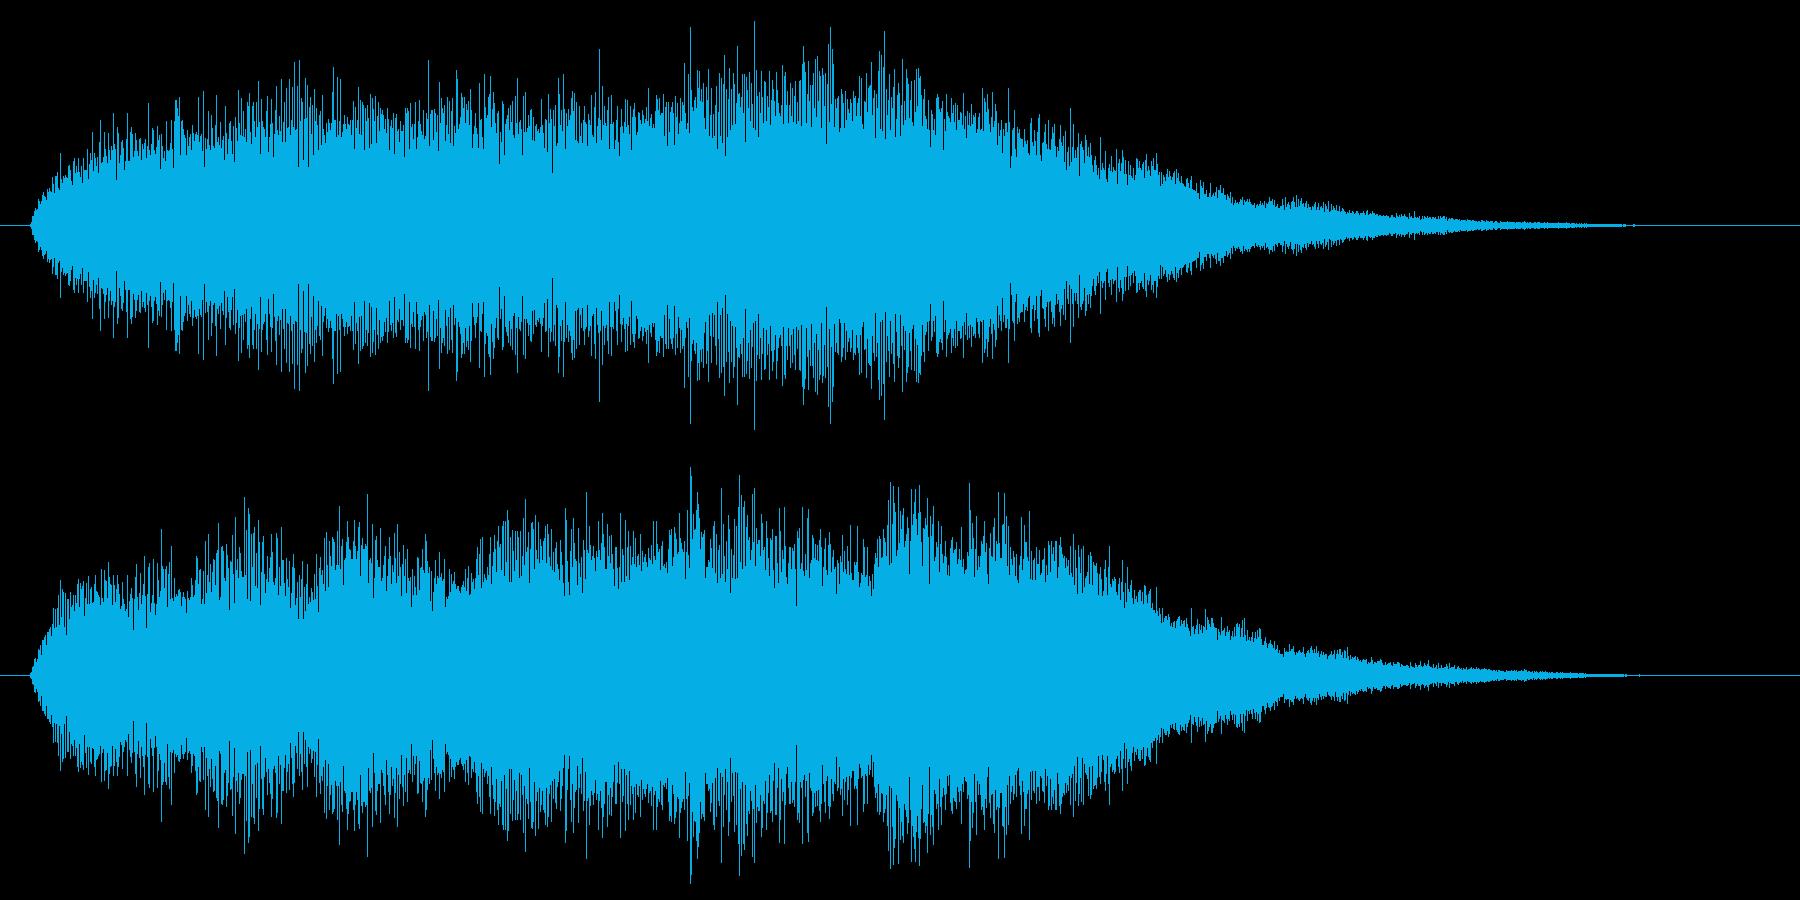 シンセがシリアスなワンコードを弾く効果音の再生済みの波形